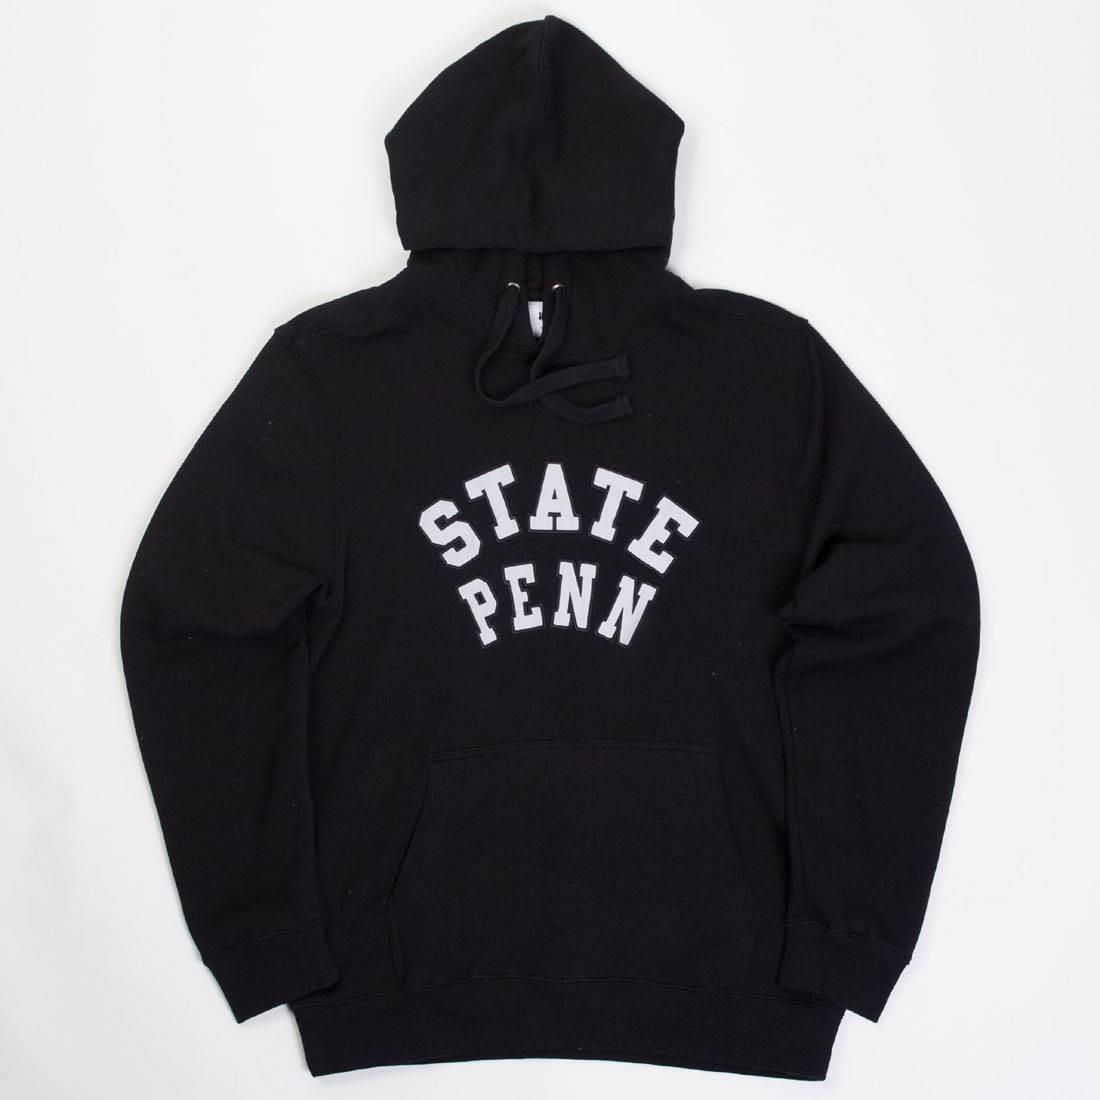 【海外限定】スケートボード フーディー パーカー メンズファッション 【 STATE UNDEFEATED MEN PEN PULLOVER HOODY BLACK 】